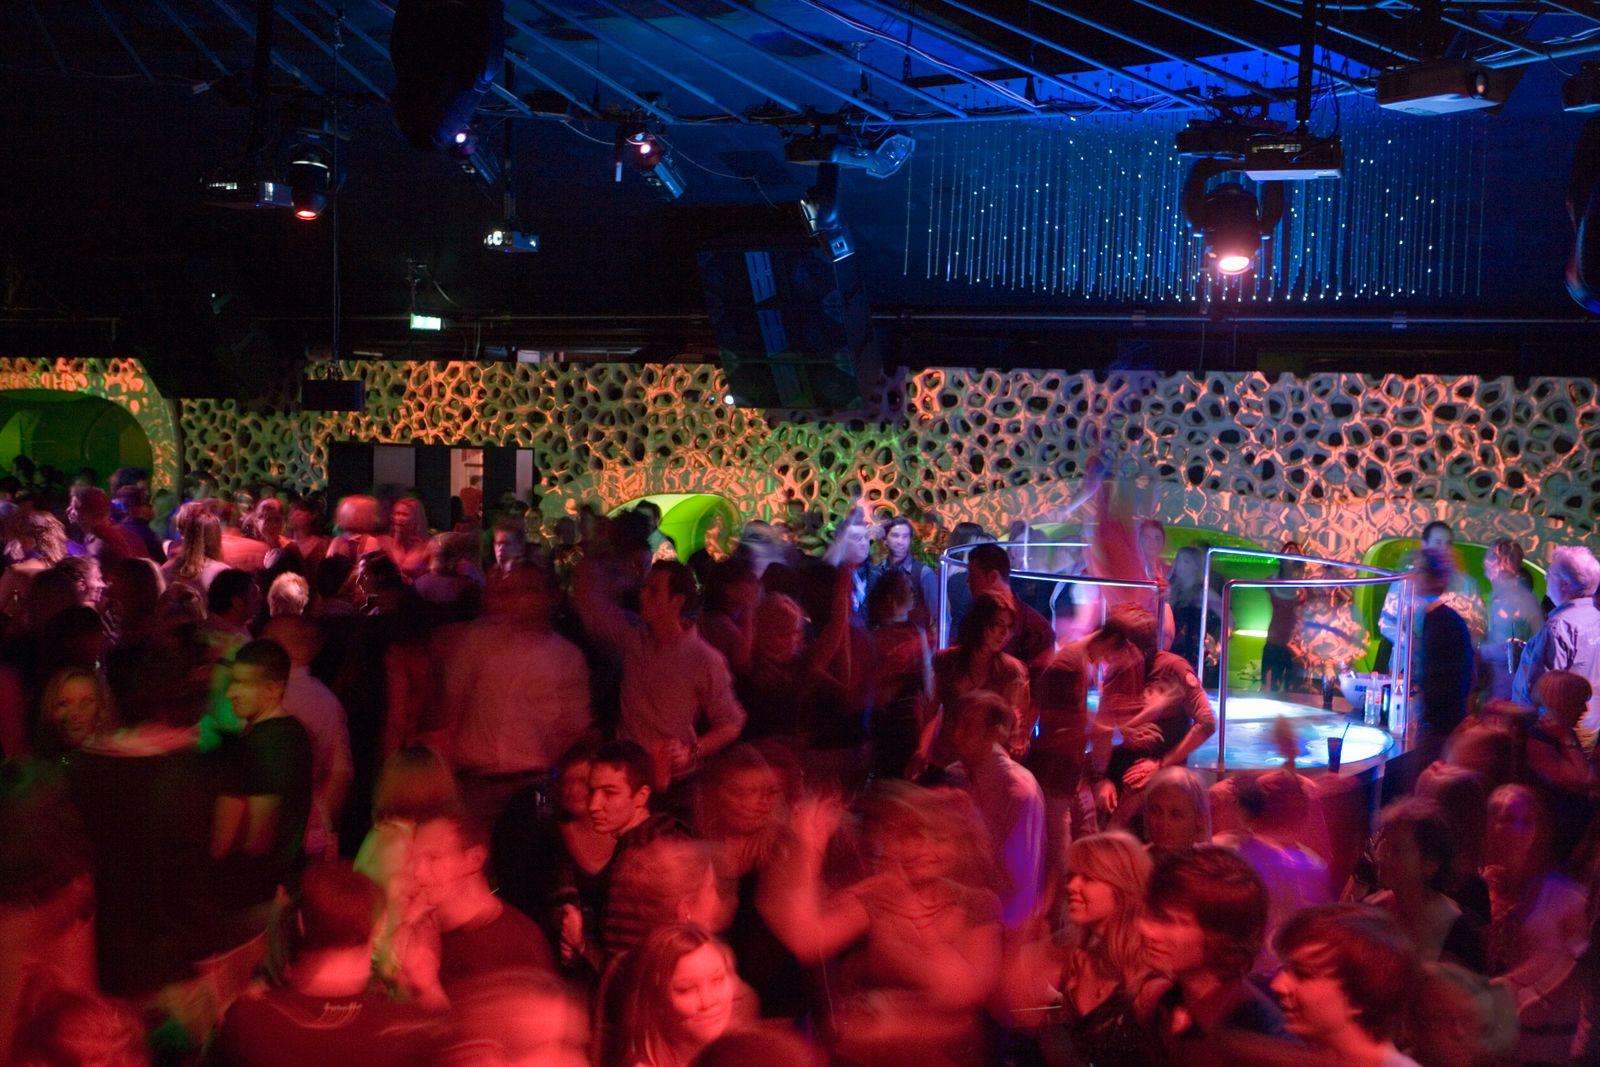 Dancefloor at The Cocoon Club.